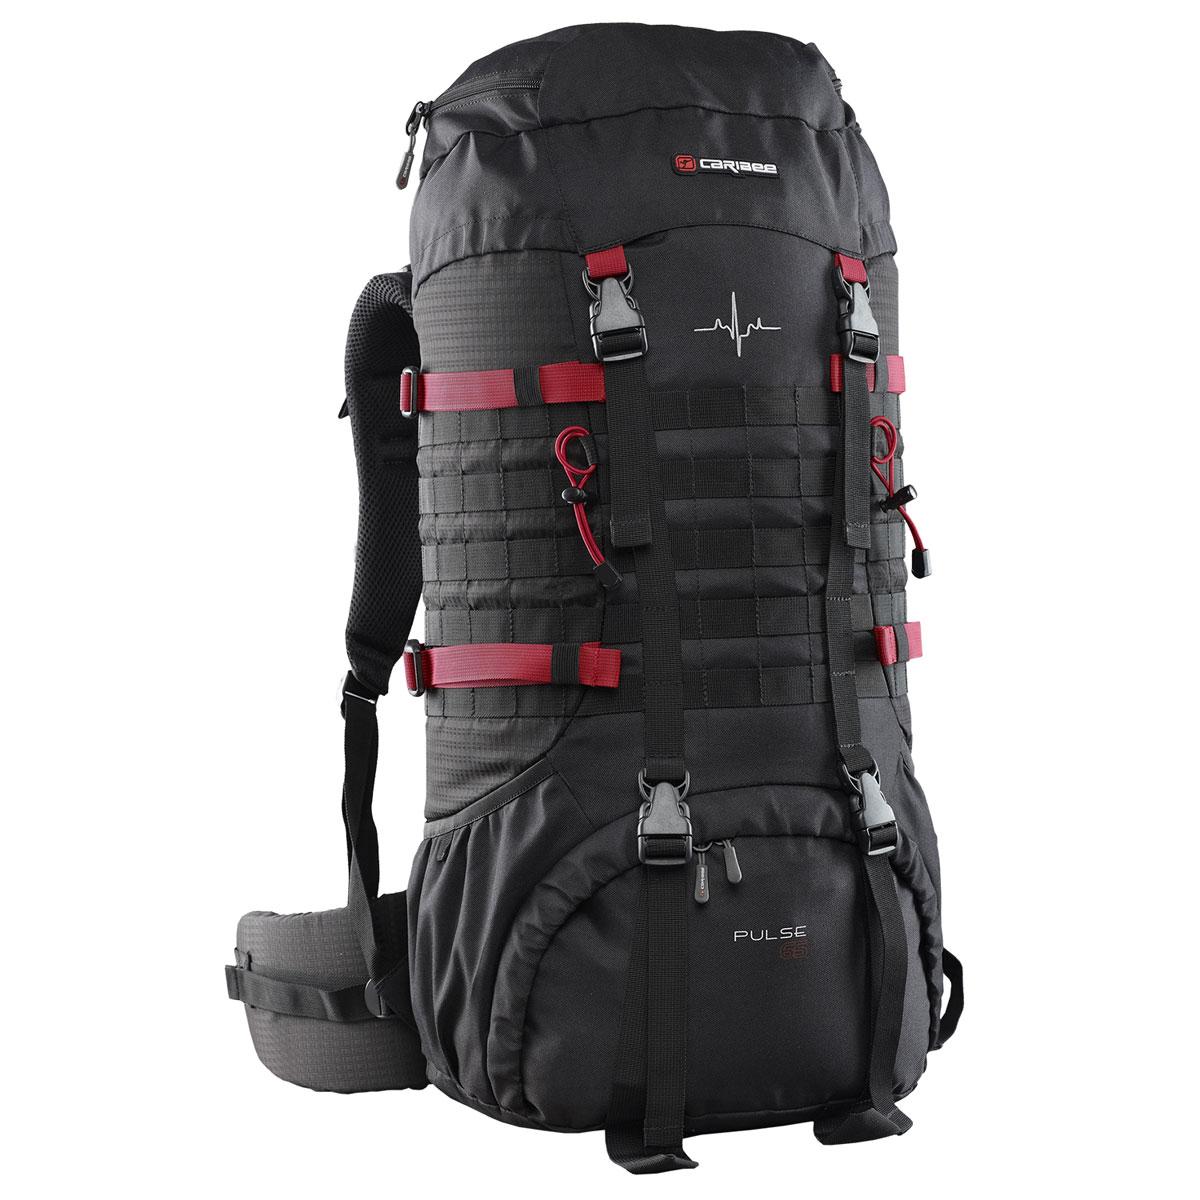 Рюкзак туристический Caribee  Pulse , цвет: черный, 65 л - Туристические рюкзаки